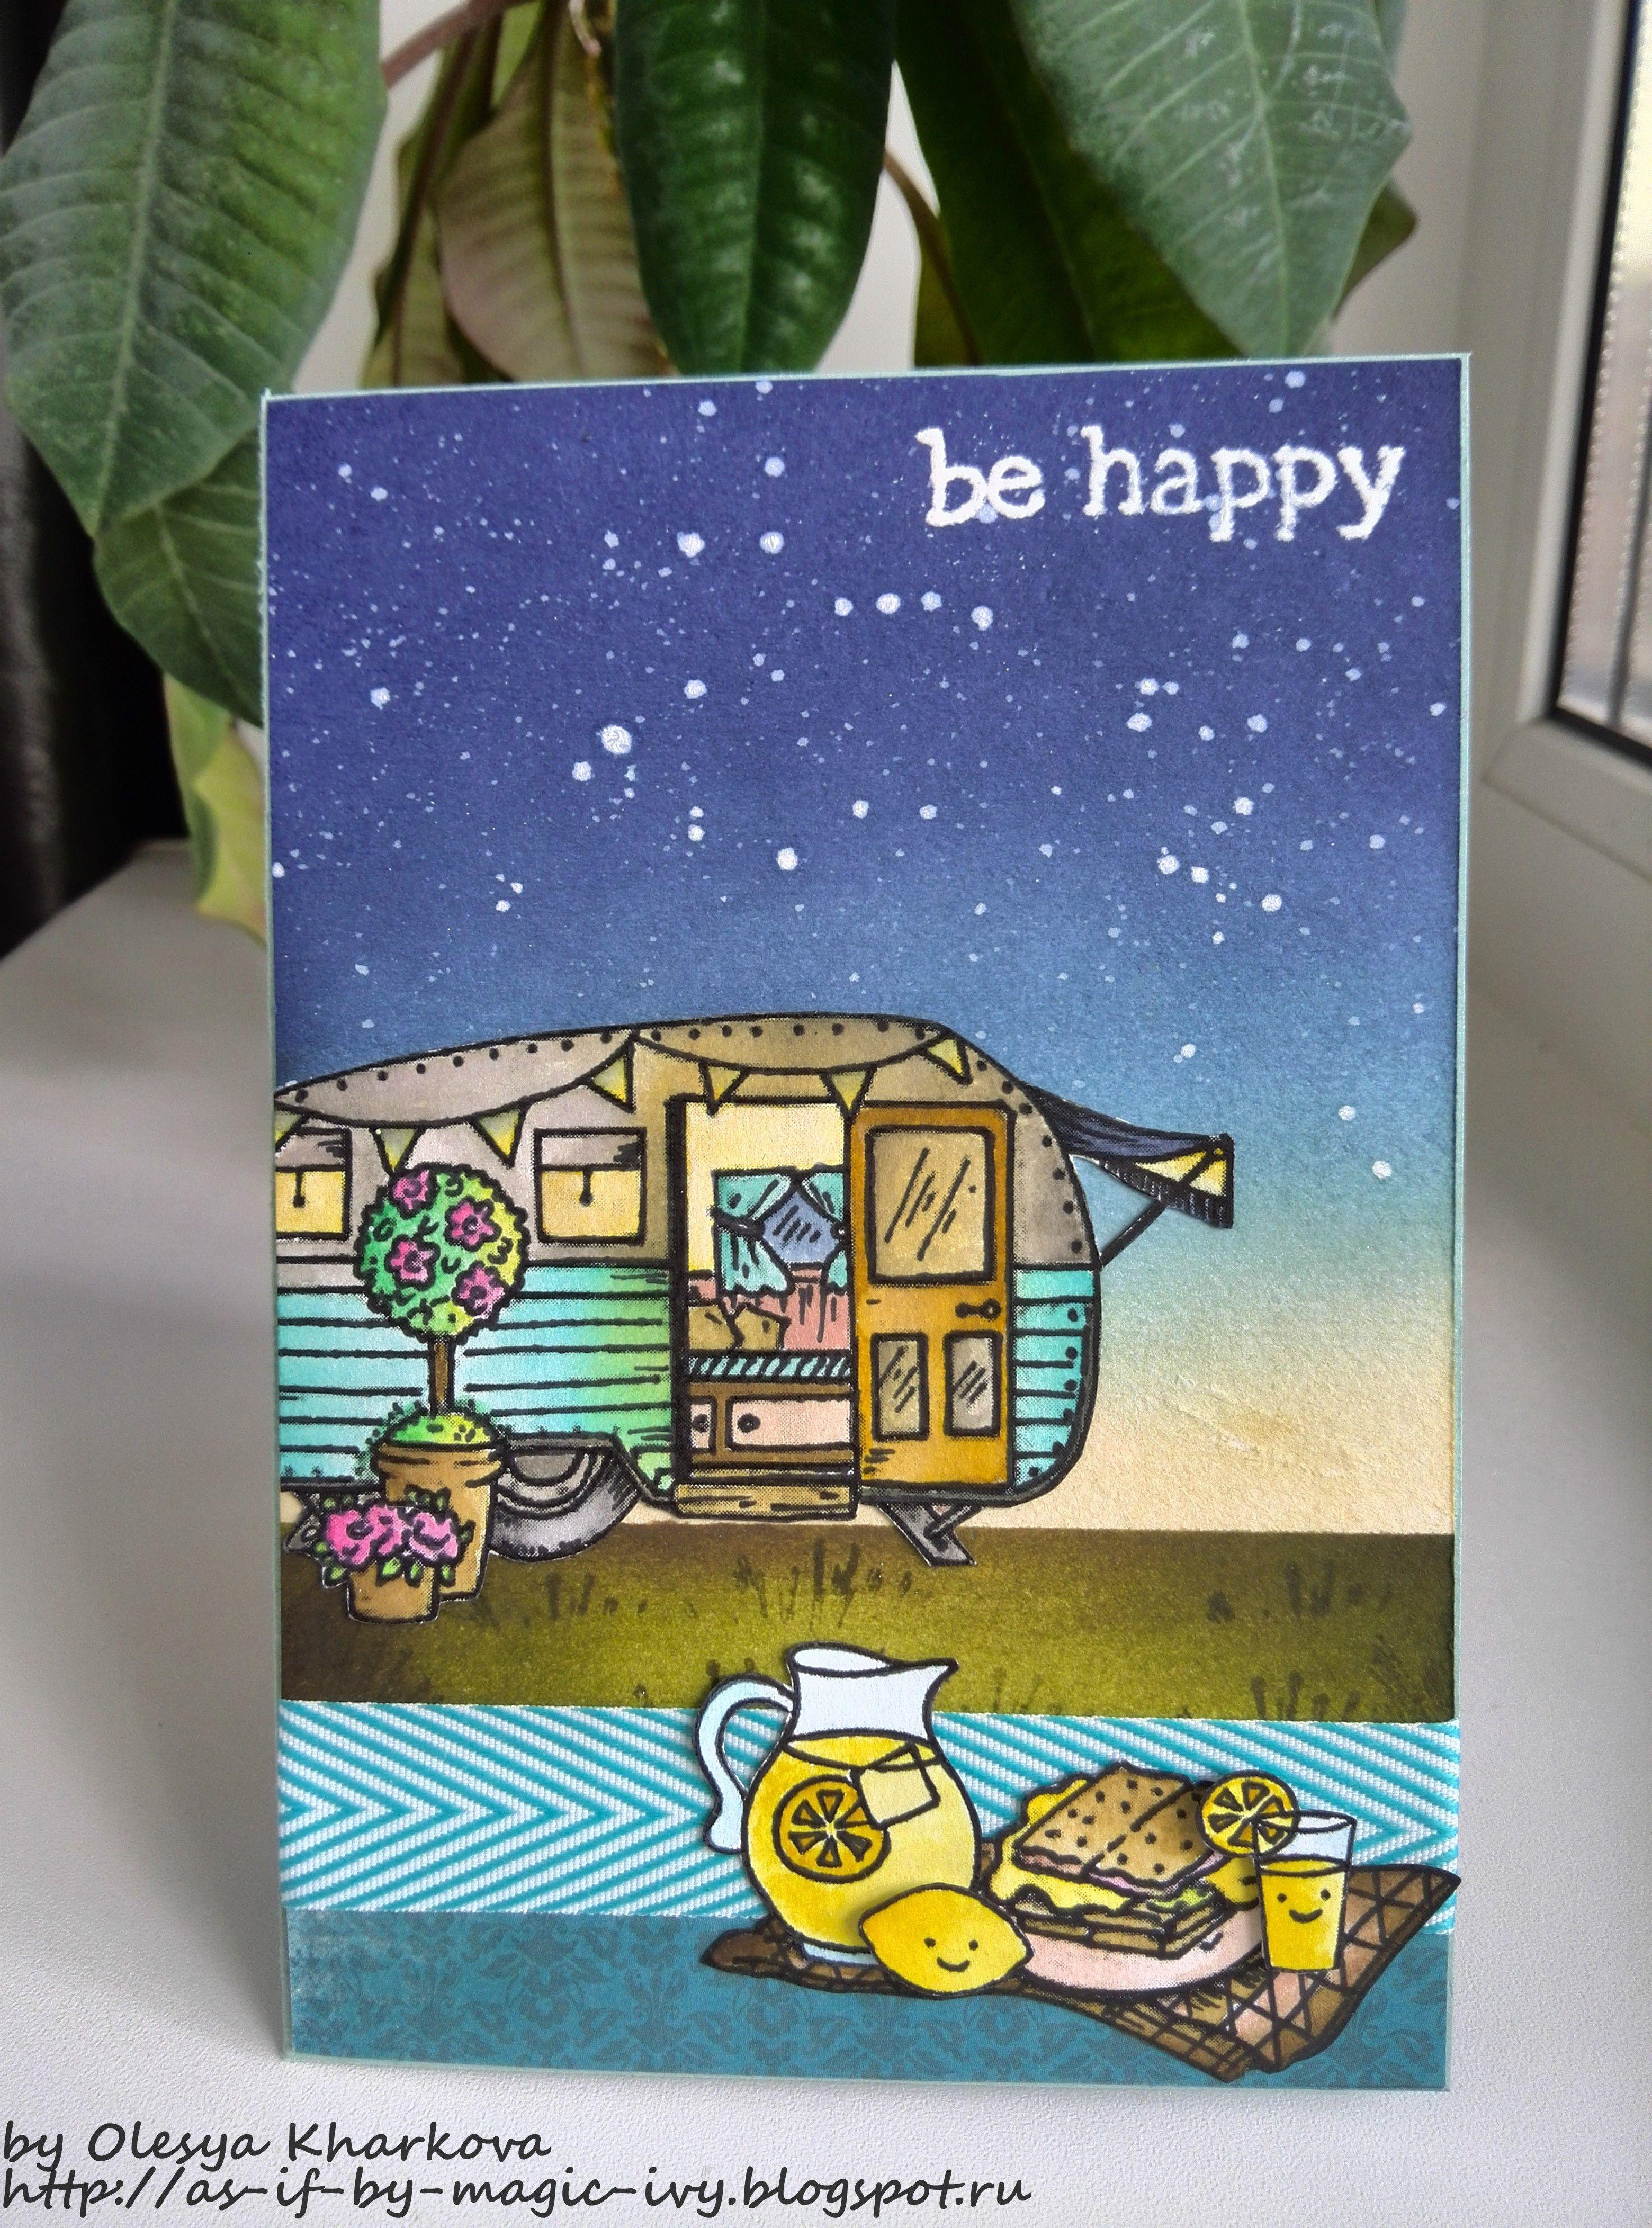 Be happy или Пикничок на траве is part of lawn Background Stamp Sets - Всем добрый вечер! Я сегодня почти обезумела от счастья , поводов было несколько получила три посылочки и сделала открытку, которую я безумно люблю  За вдохновение спасибо Эллисон Коуп ) Как только я увидела задание от Мемуариса про день открытых дверей, а подробнее работу Дарьи Мягких с трейлером, вспомнила, что у меня тоже гдето на компе припаркован маленький трейлер  Не так давно Творческая мастерскаямагазинчик Мемуарис переехала на новый адрес и устроила грандиозный праздник для всех, кто просто жить не может без скрапа, со множеством конкурсов и сюрпризов, мастерклассов и подарков  Эхх   побывать бы хоть раз на таких мероприятиях! Кроме того, мне так понравилось задание № 64 от блога Paint your world  Лимонады, сиропы и прочие летние напитки , что я незамедлительно вспомнила про старенький набор от Lawn Fawn Make lemonade, а трейлер от Flourish  Все фоновые манипуляции совершались с помощью дистрессов (маркеры и чернила), без них никуда теперь  Спасибо, что заглянули!